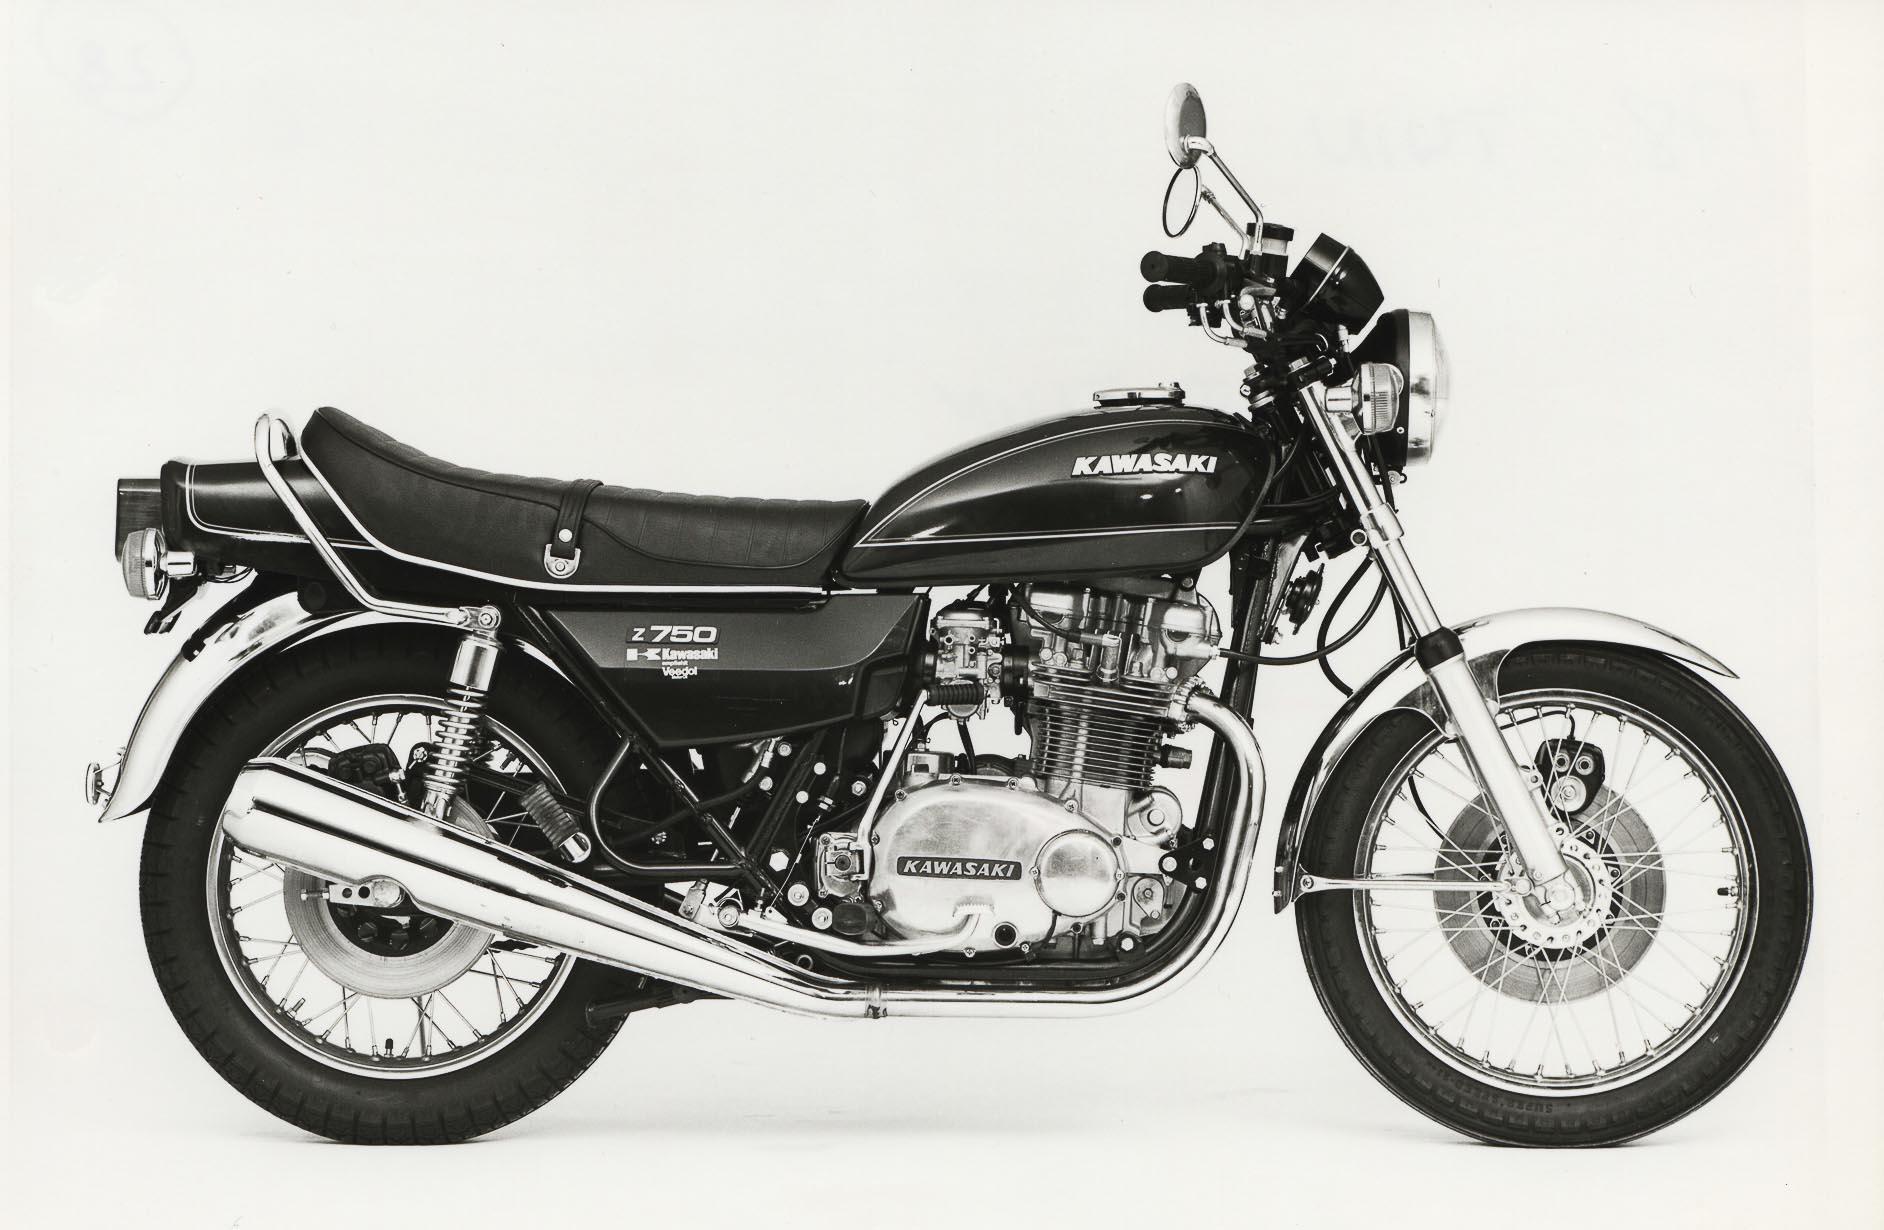 KAWASAKI Z 750 B (1976-1979)